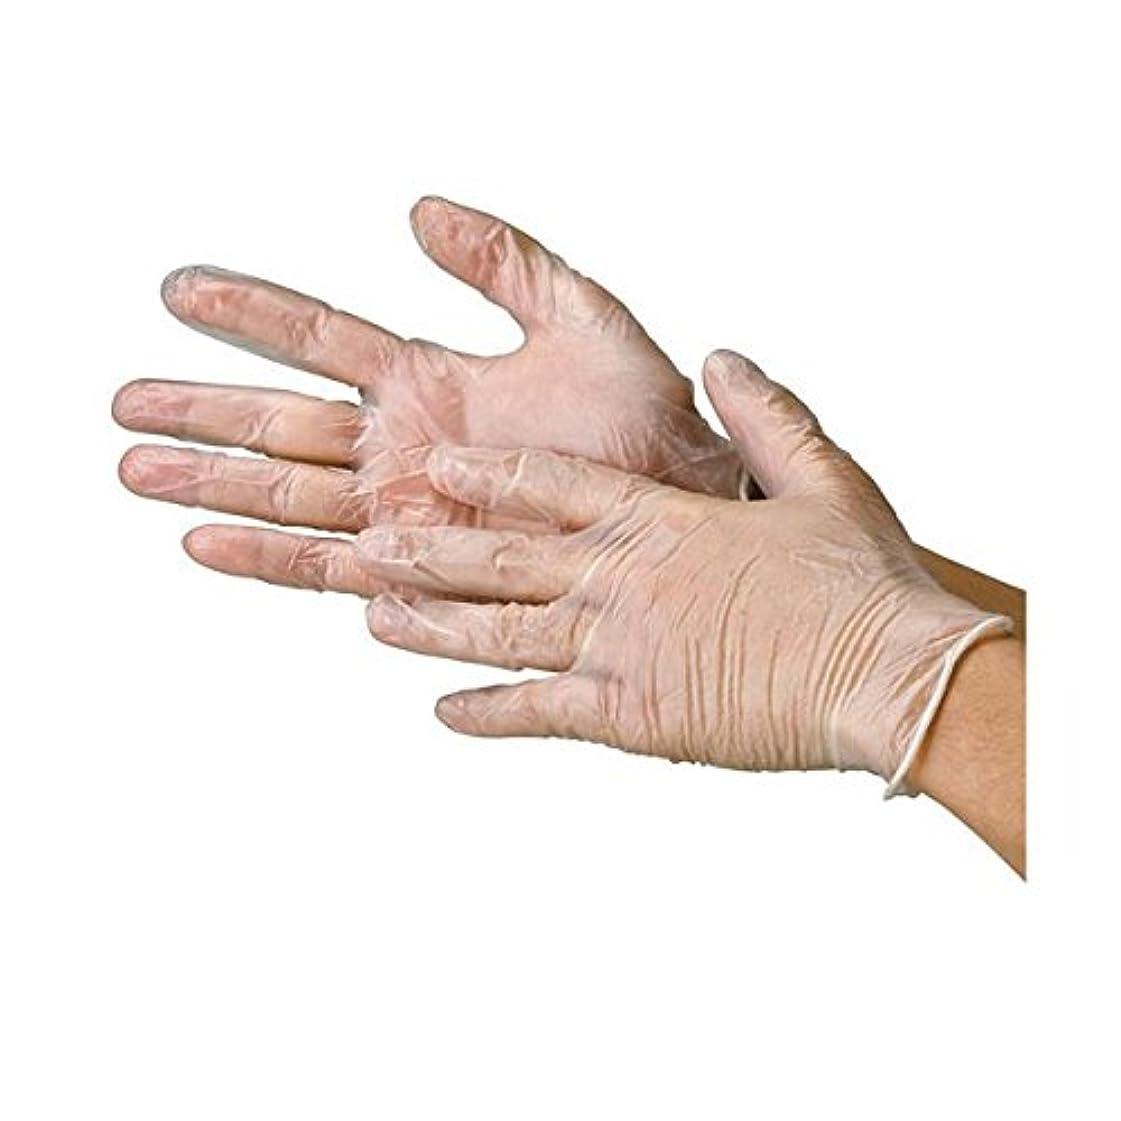 プレミアム集団船乗り川西工業 ビニール極薄手袋 粉つき S 20袋 ds-1915764